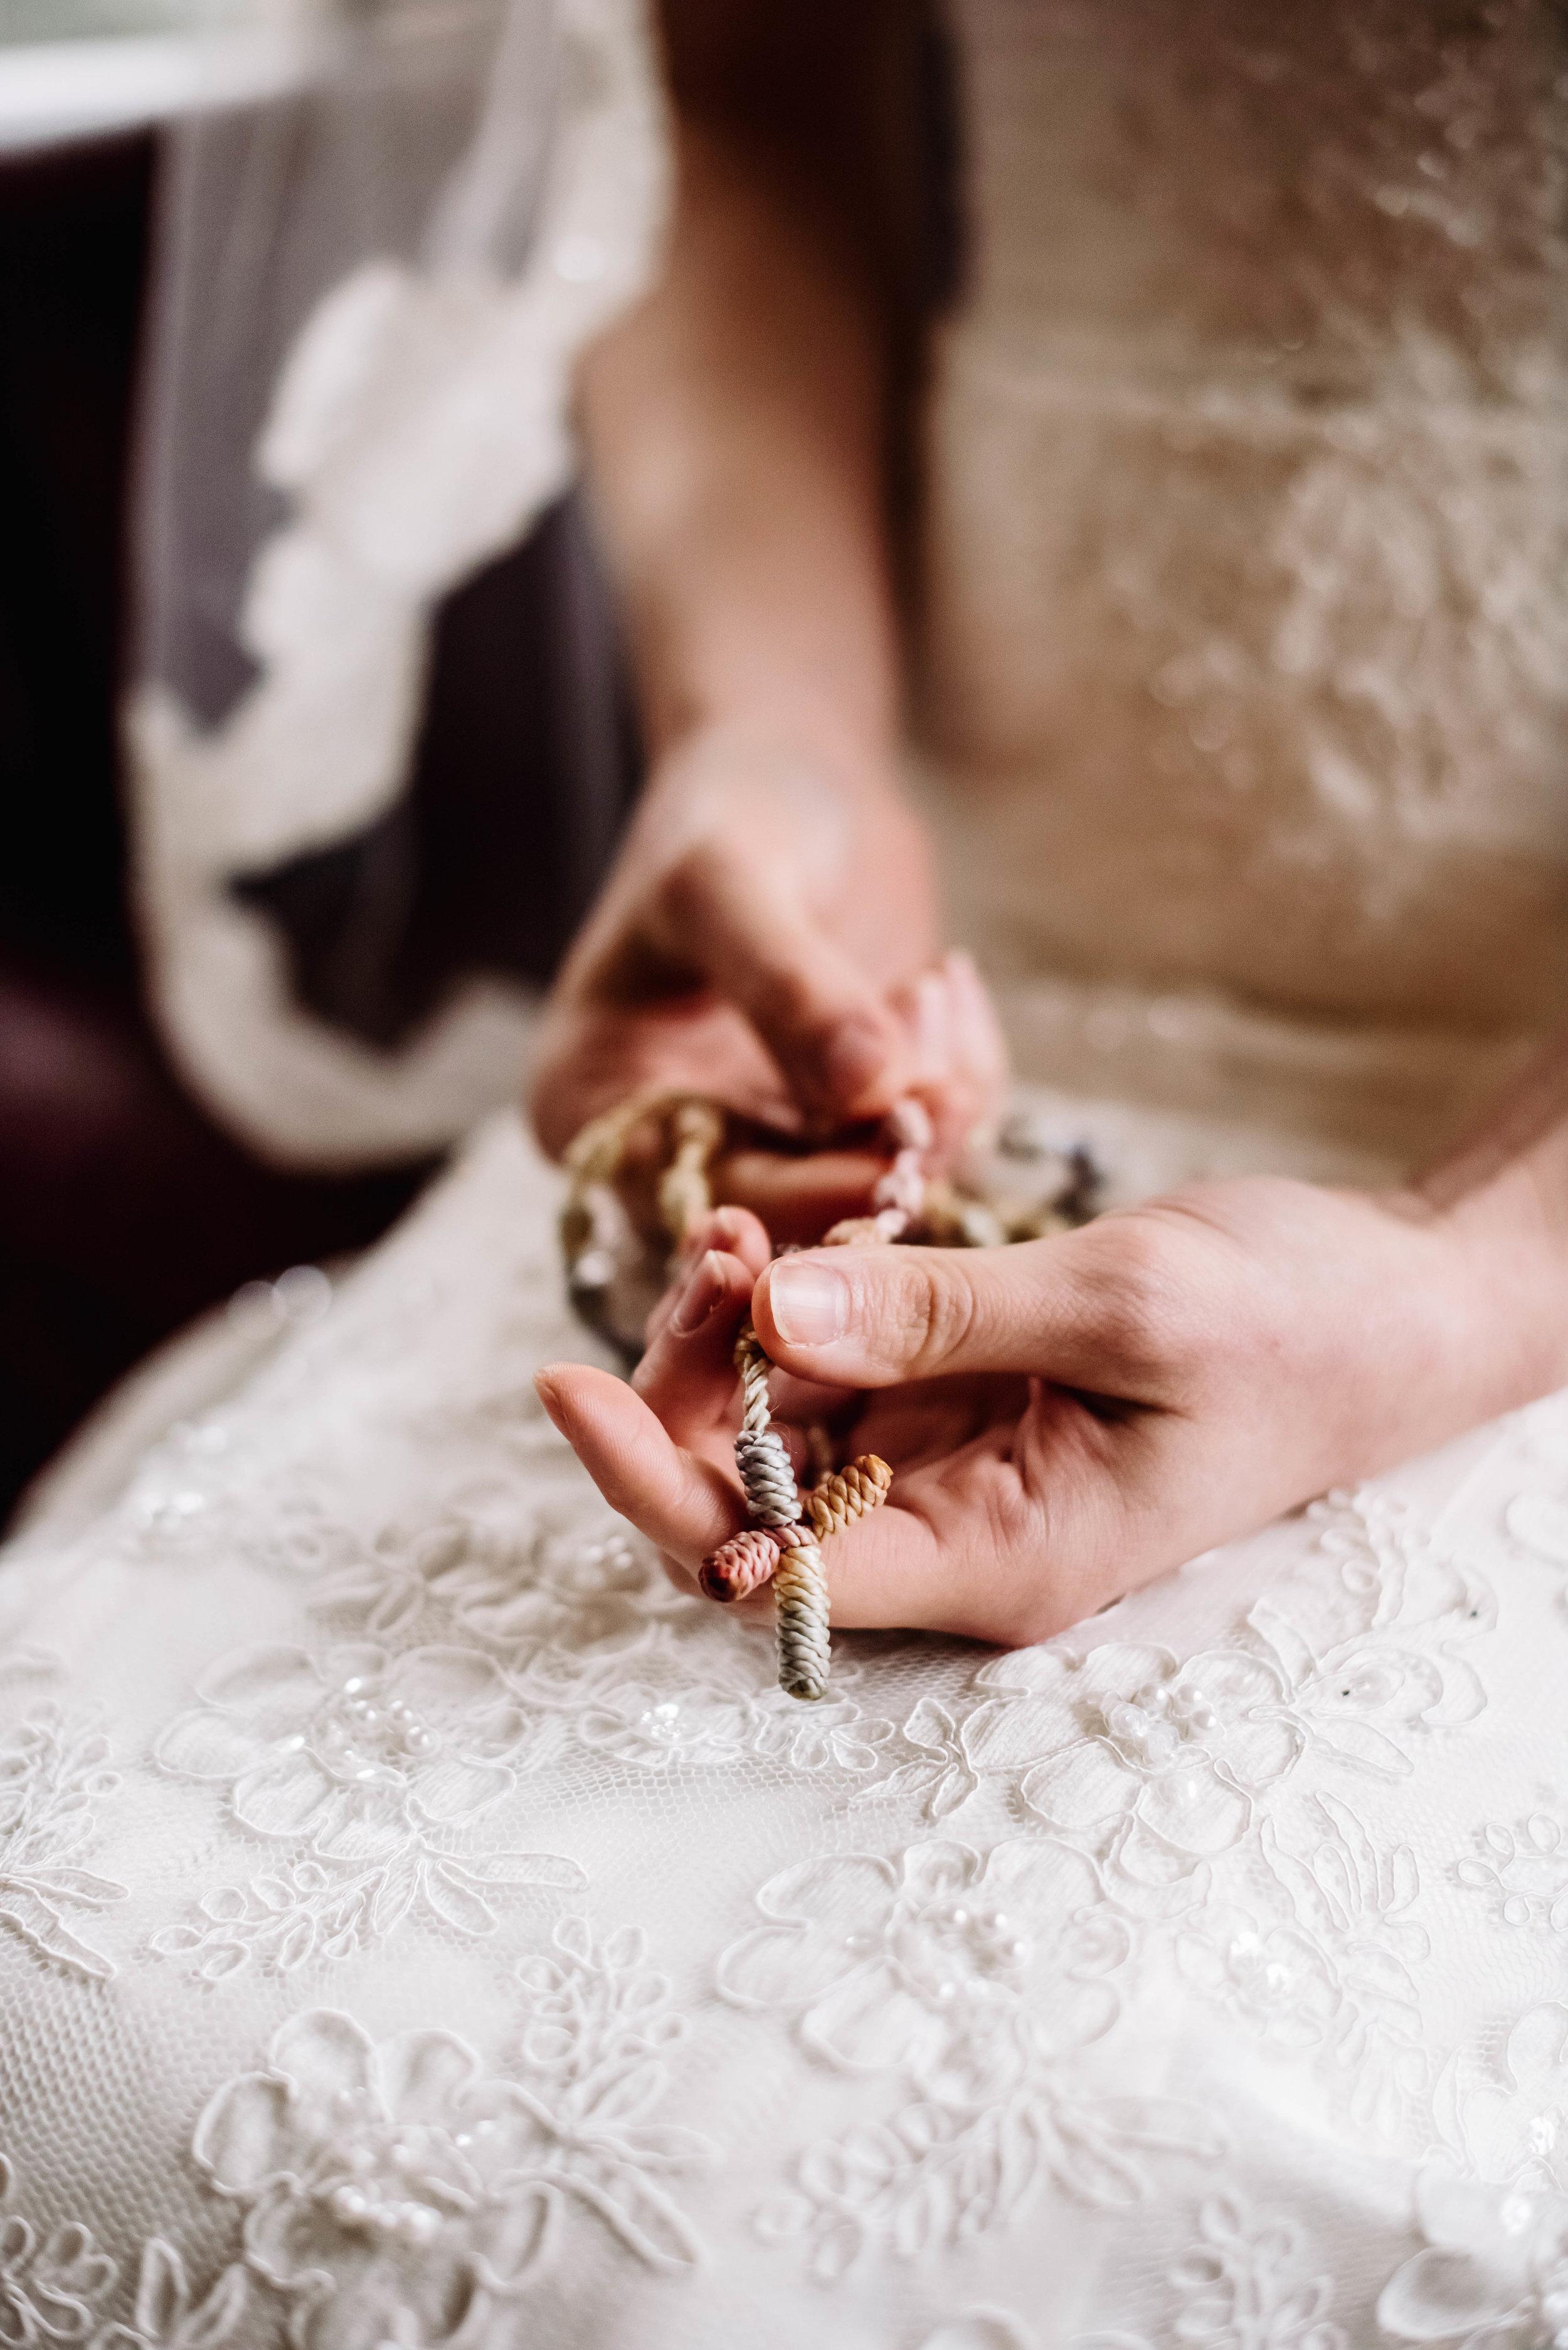 Spoken-Bride-April-2019-UPDATED-LaurentinaPhoto20.jpg